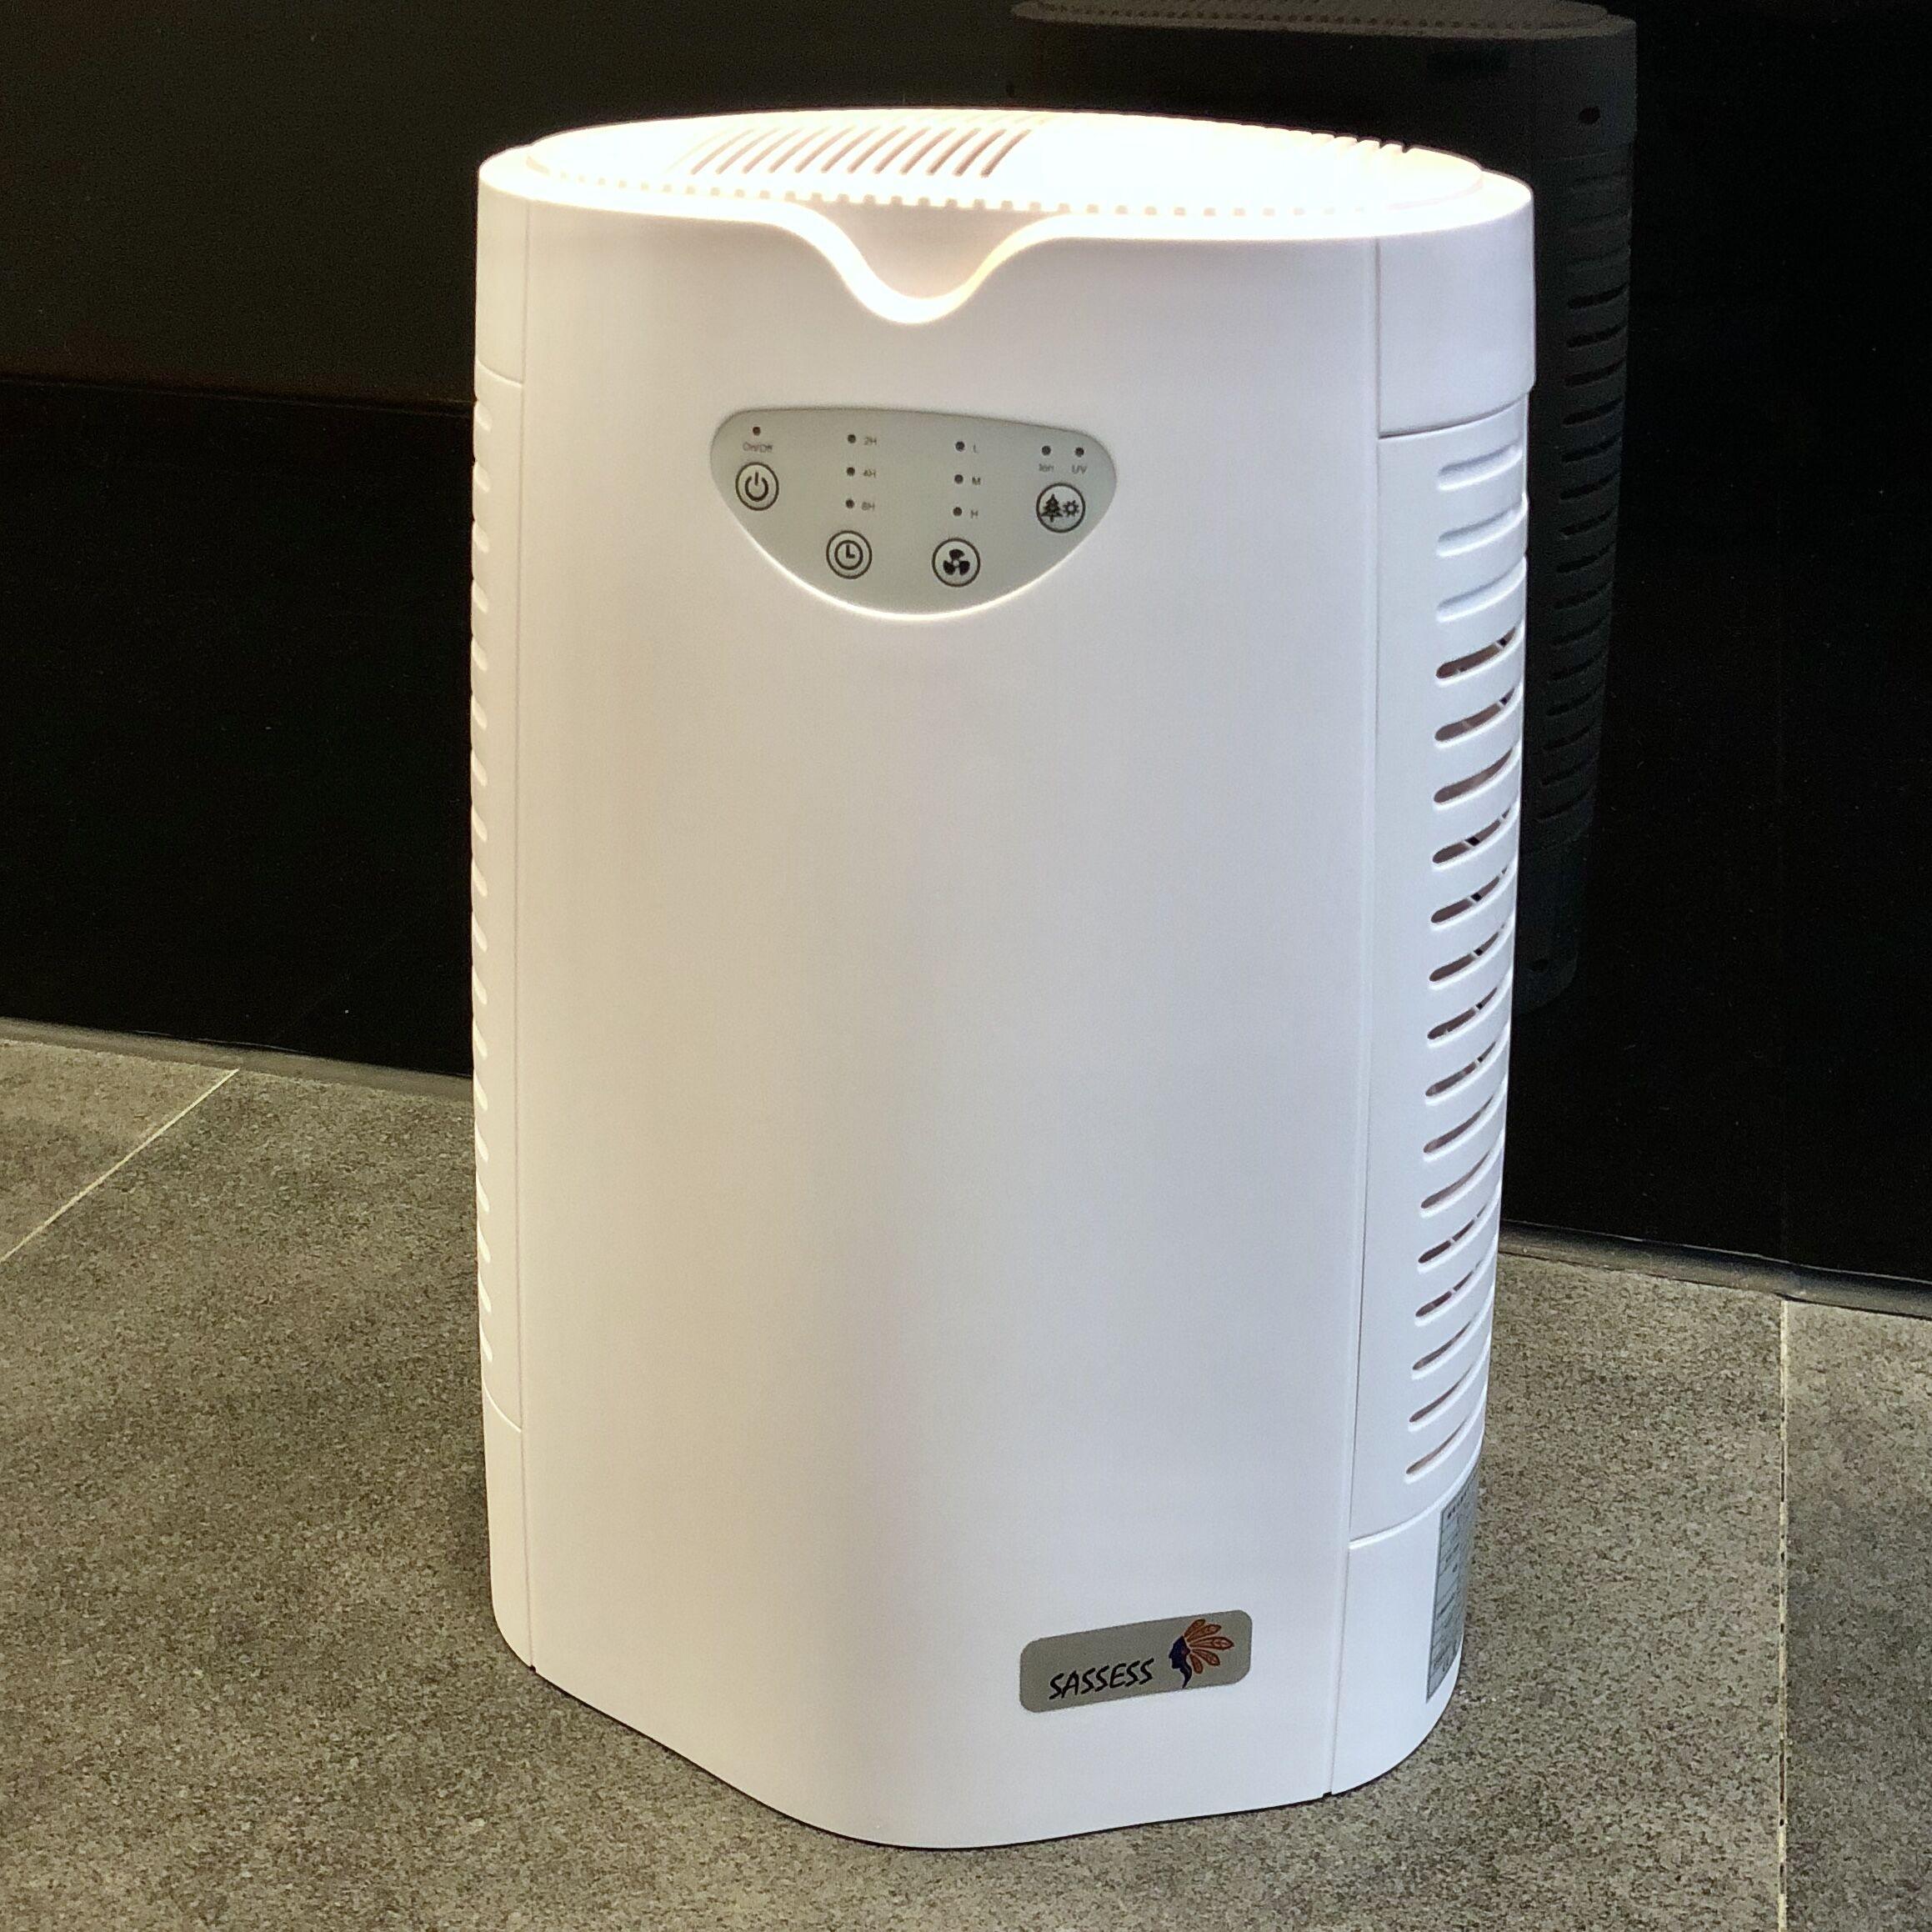 RMC1000光触媒空气净化器